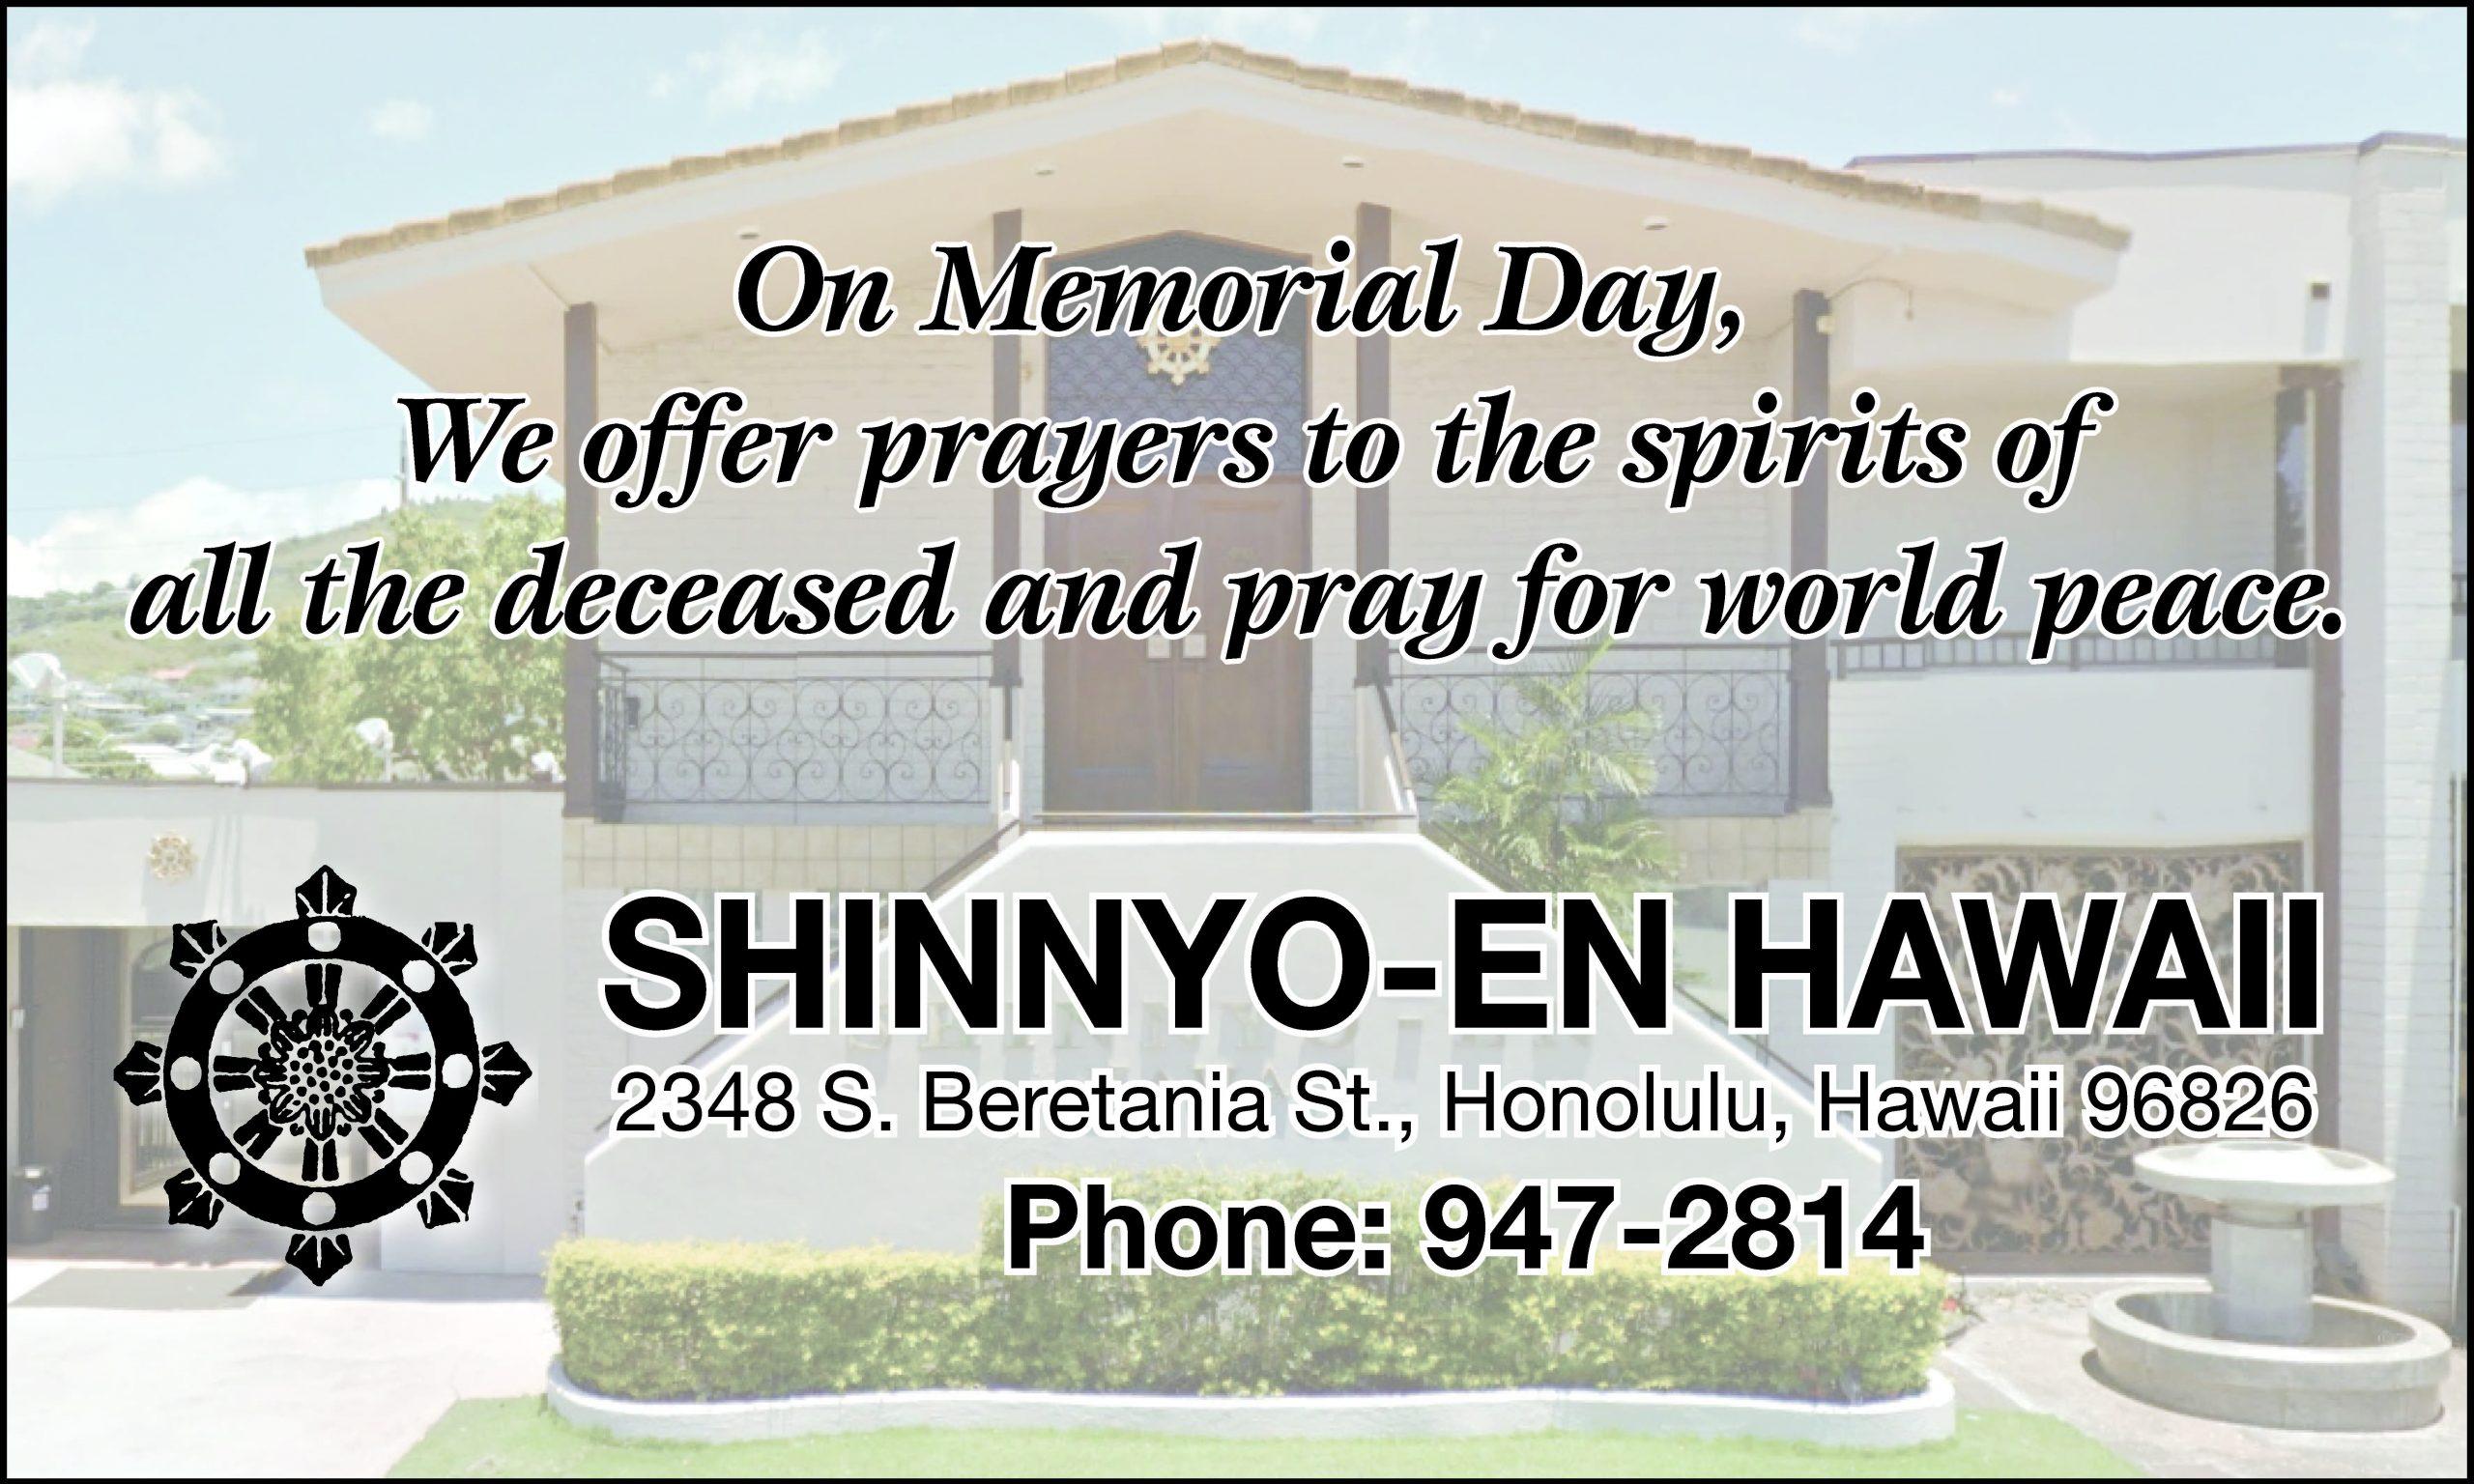 Shinnyo-en Hawaii Memorial Day ad